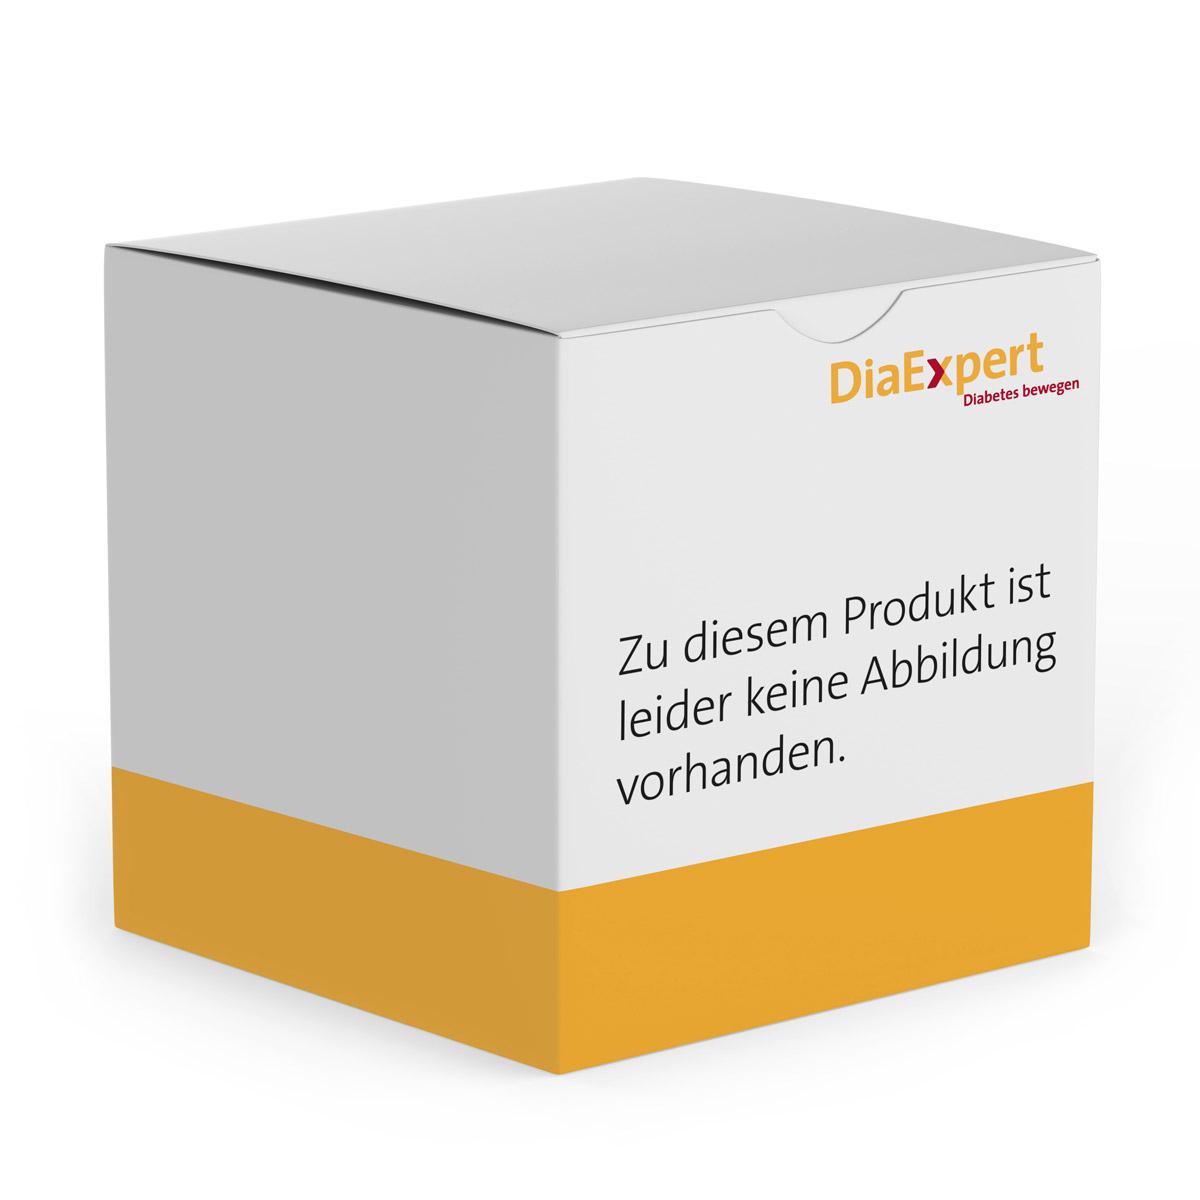 Accu-Chek Insight Insulinpumpe mmol/L